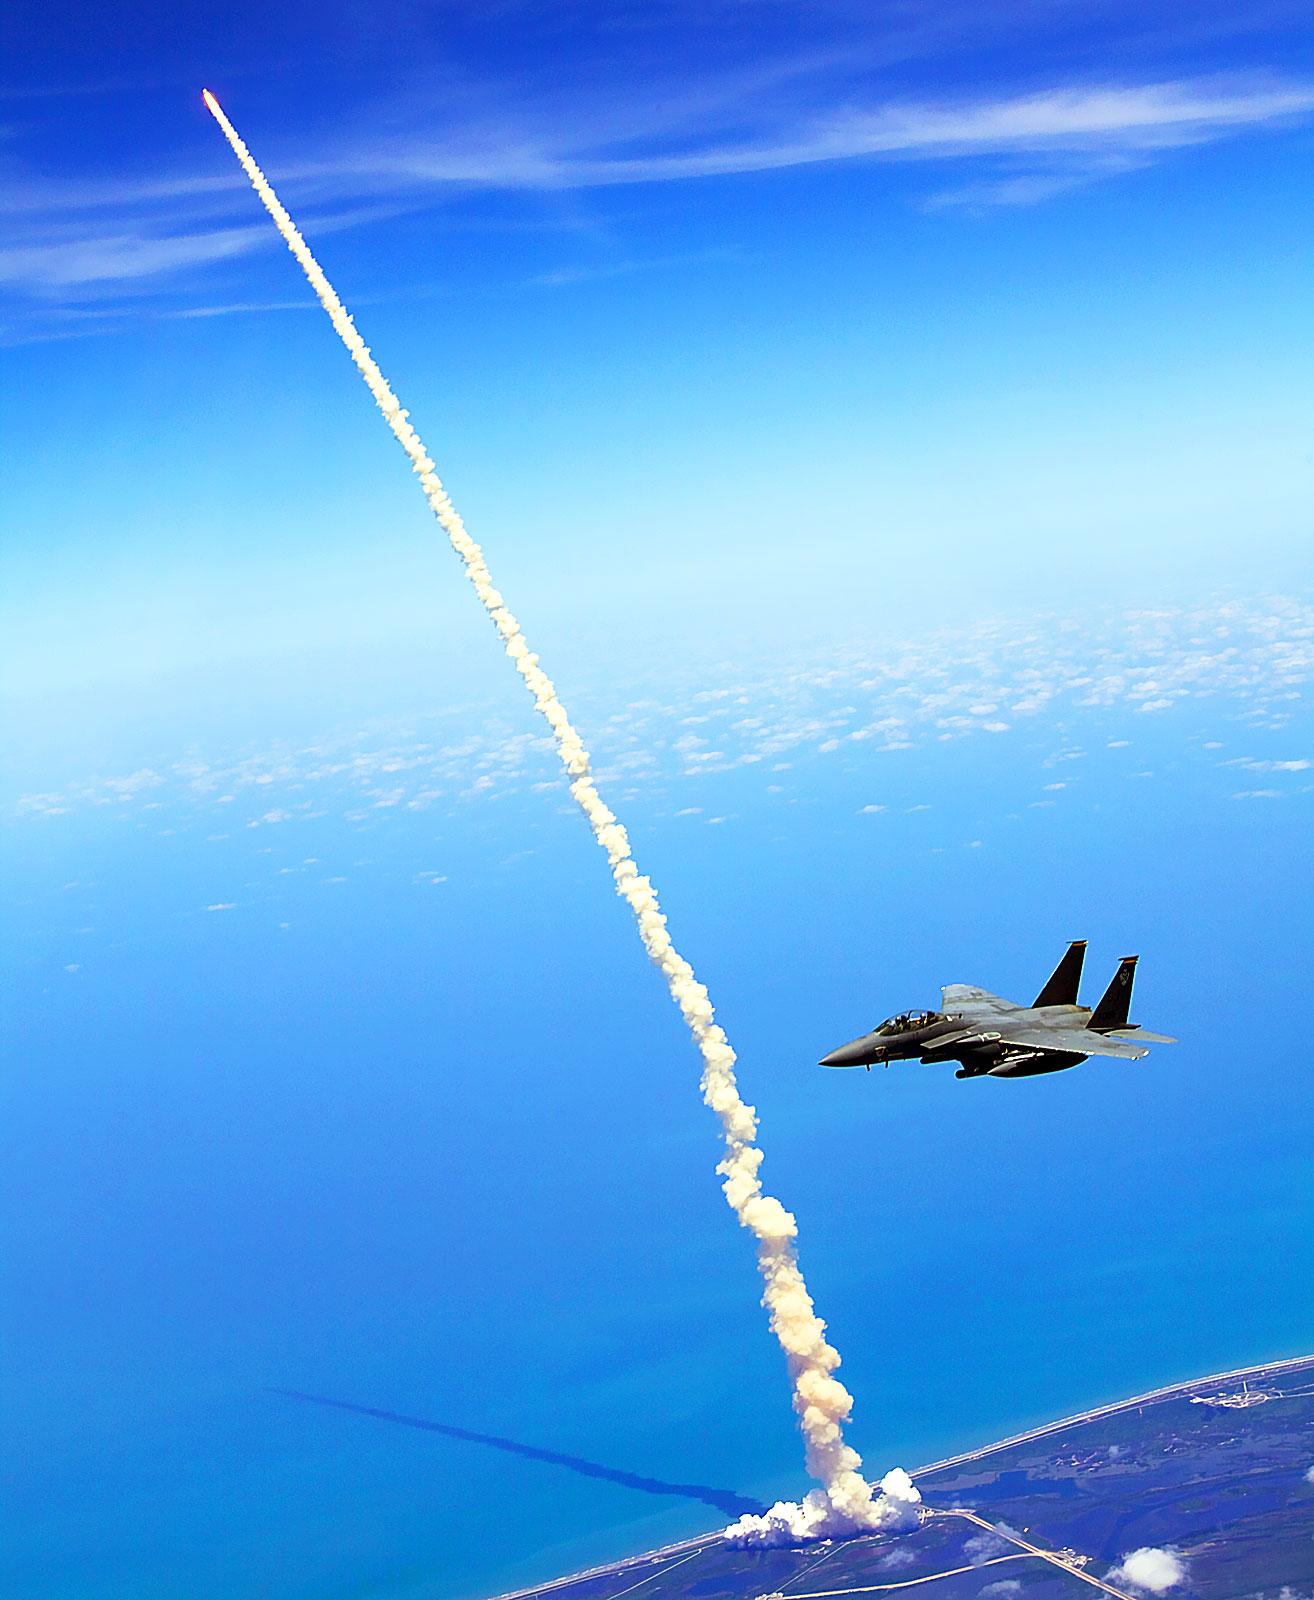 http://2.bp.blogspot.com/_04kZGR_ltmE/TBHMV1B3iFI/AAAAAAAAHyE/DNULBw1Kt6Y/s1600/Space-Shuttle-Atlantis-Last-Flight.jpg